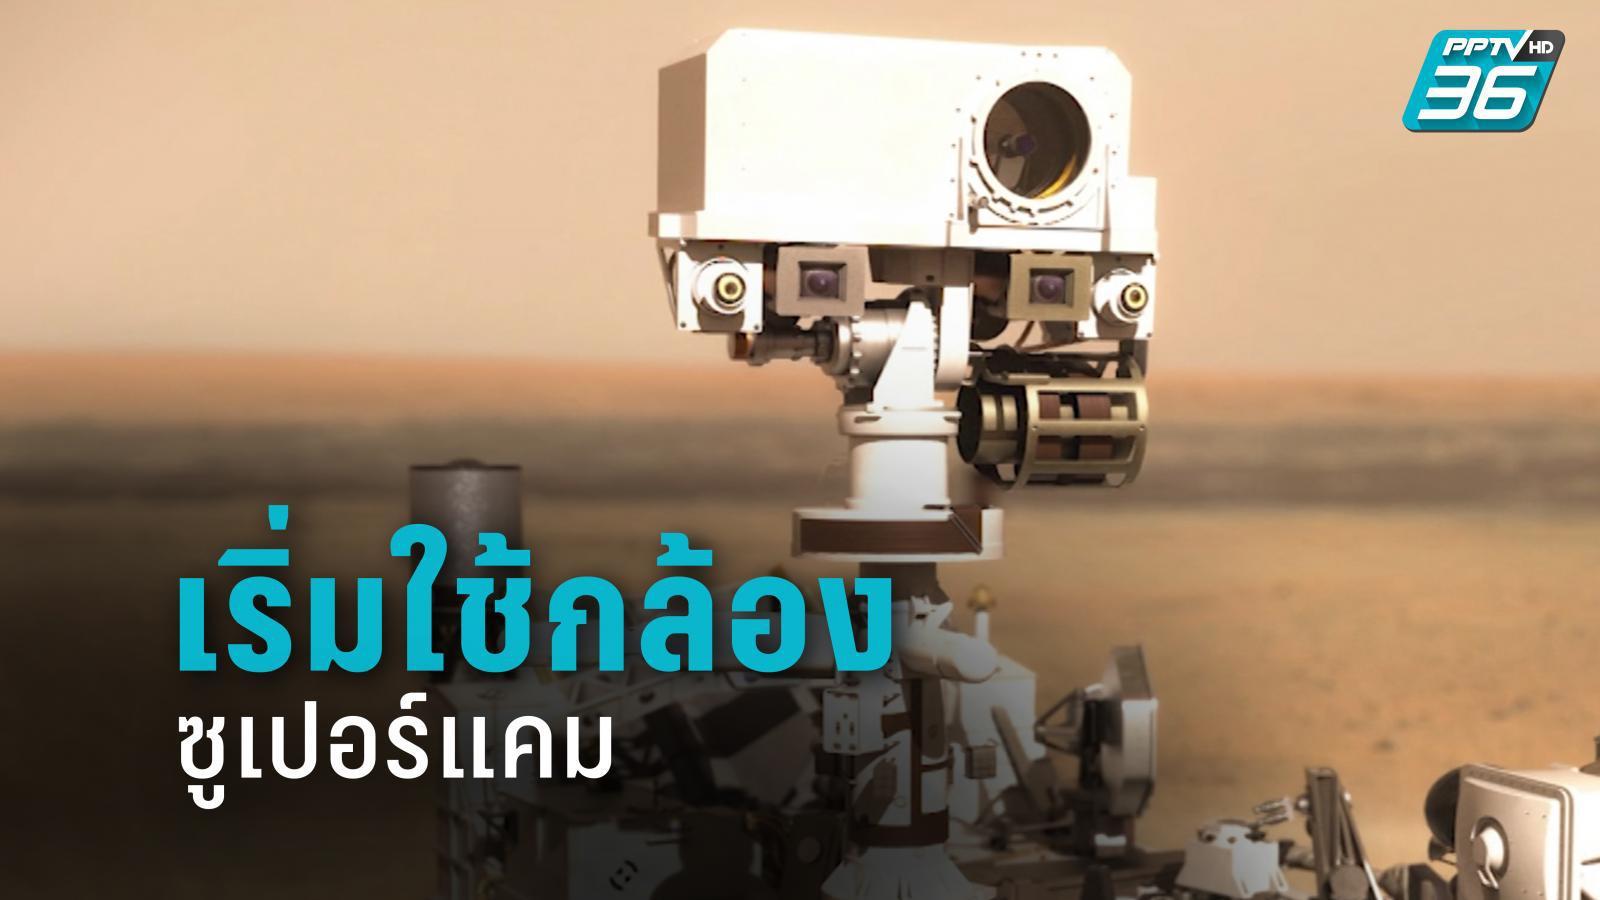 ยานสำรวจดาวอังคาร เริ่มใช้กล้องซูเปอร์แคม